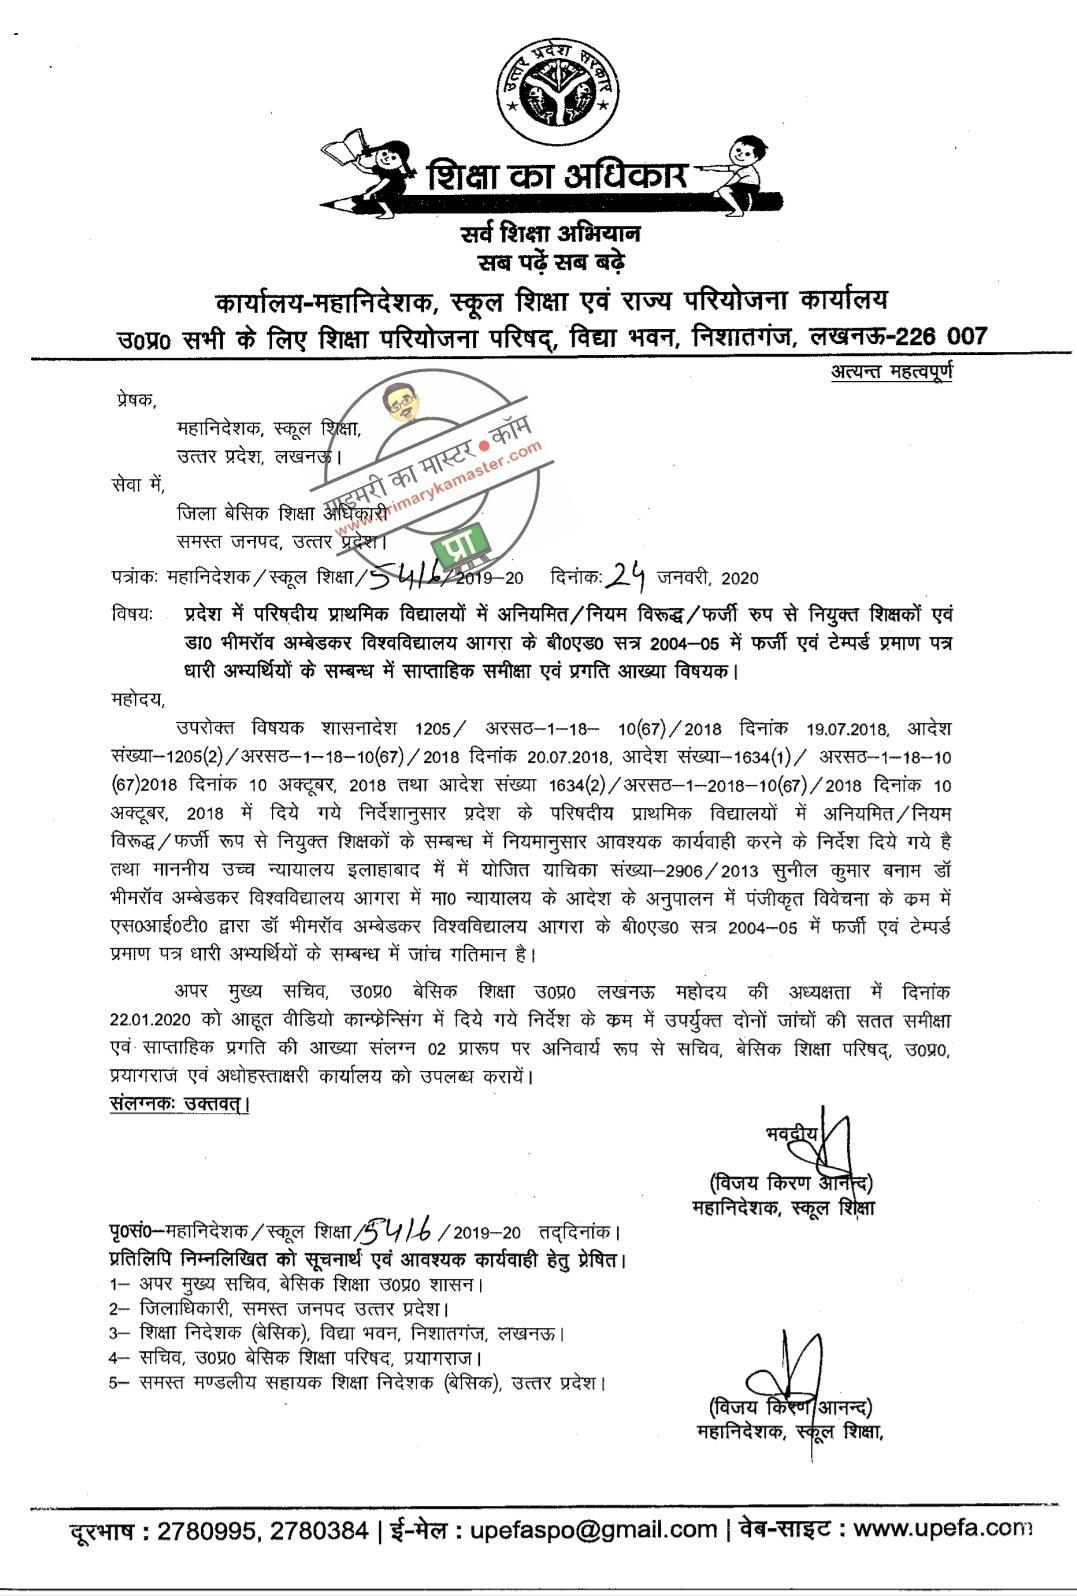 सरकारी स्कूलों में फ़र्ज़ी रूप से नियुक्त शिक्षकों व फ़र्ज़ी आगरा बीएड डिग्री की साप्ताहिक समीक्षा किये जाने का आदेश